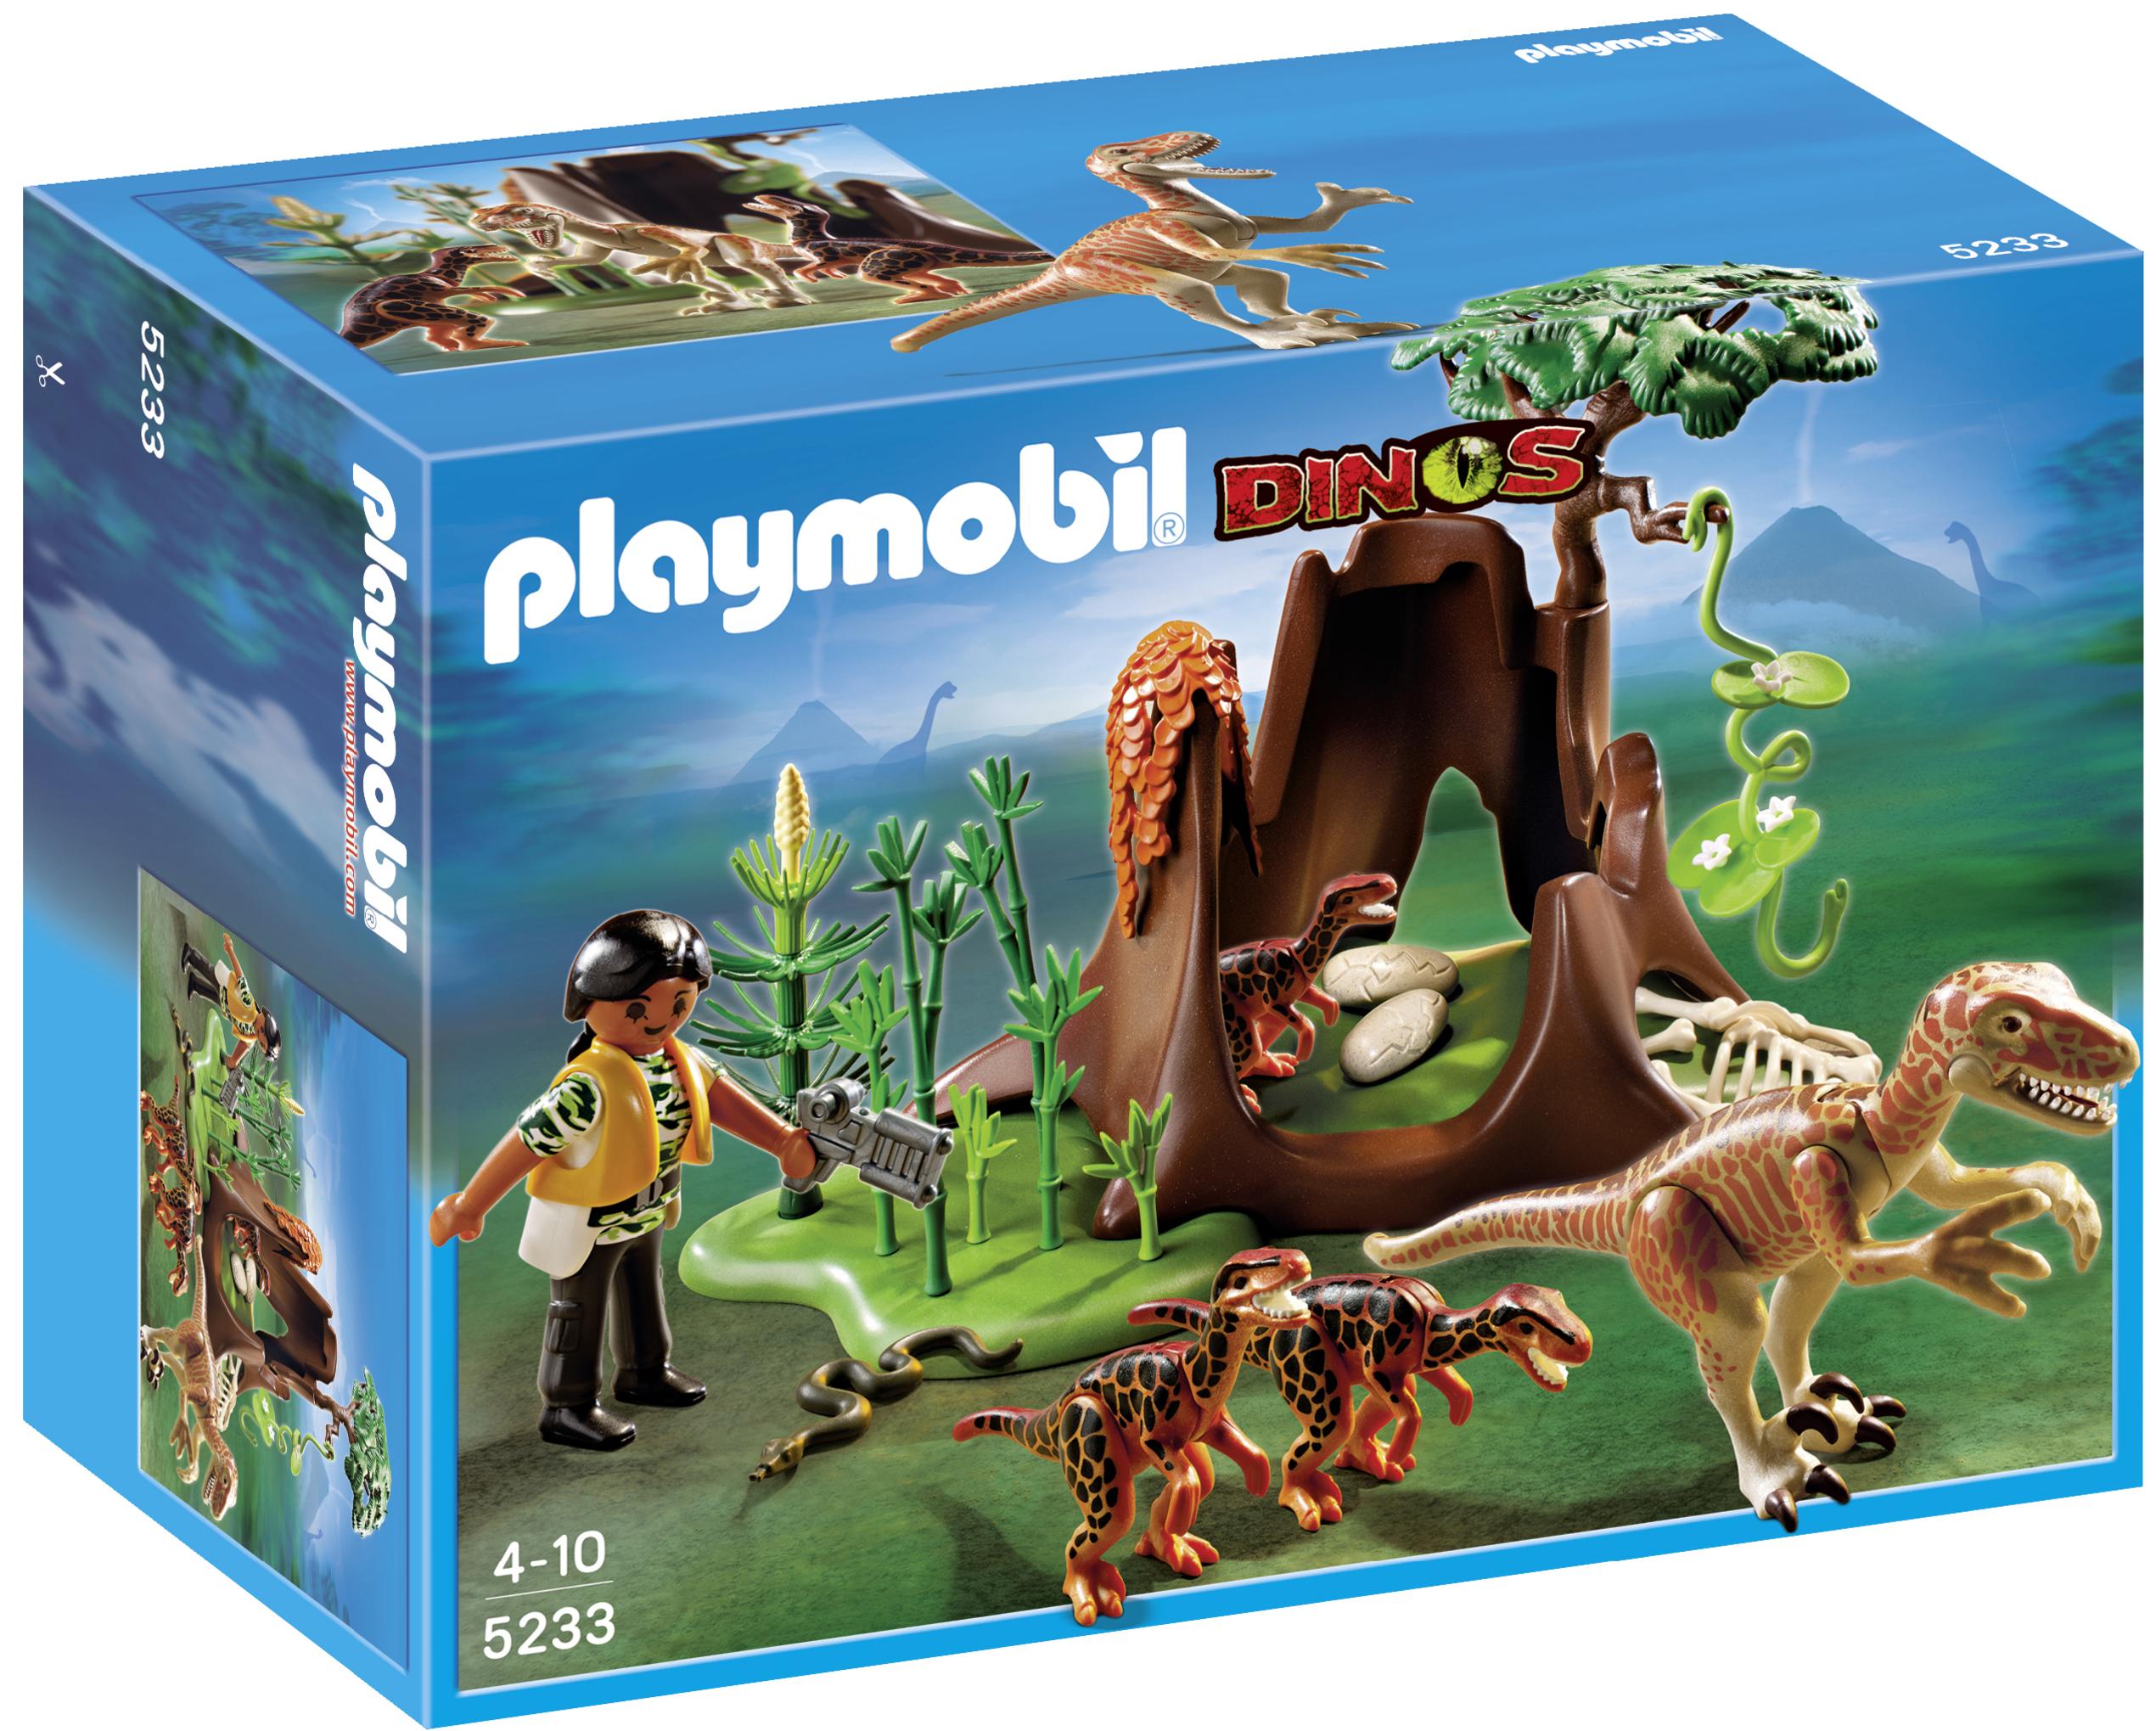 Ll vate los velociraptors con exploradora de playmobil for Playmobil dinosaurios